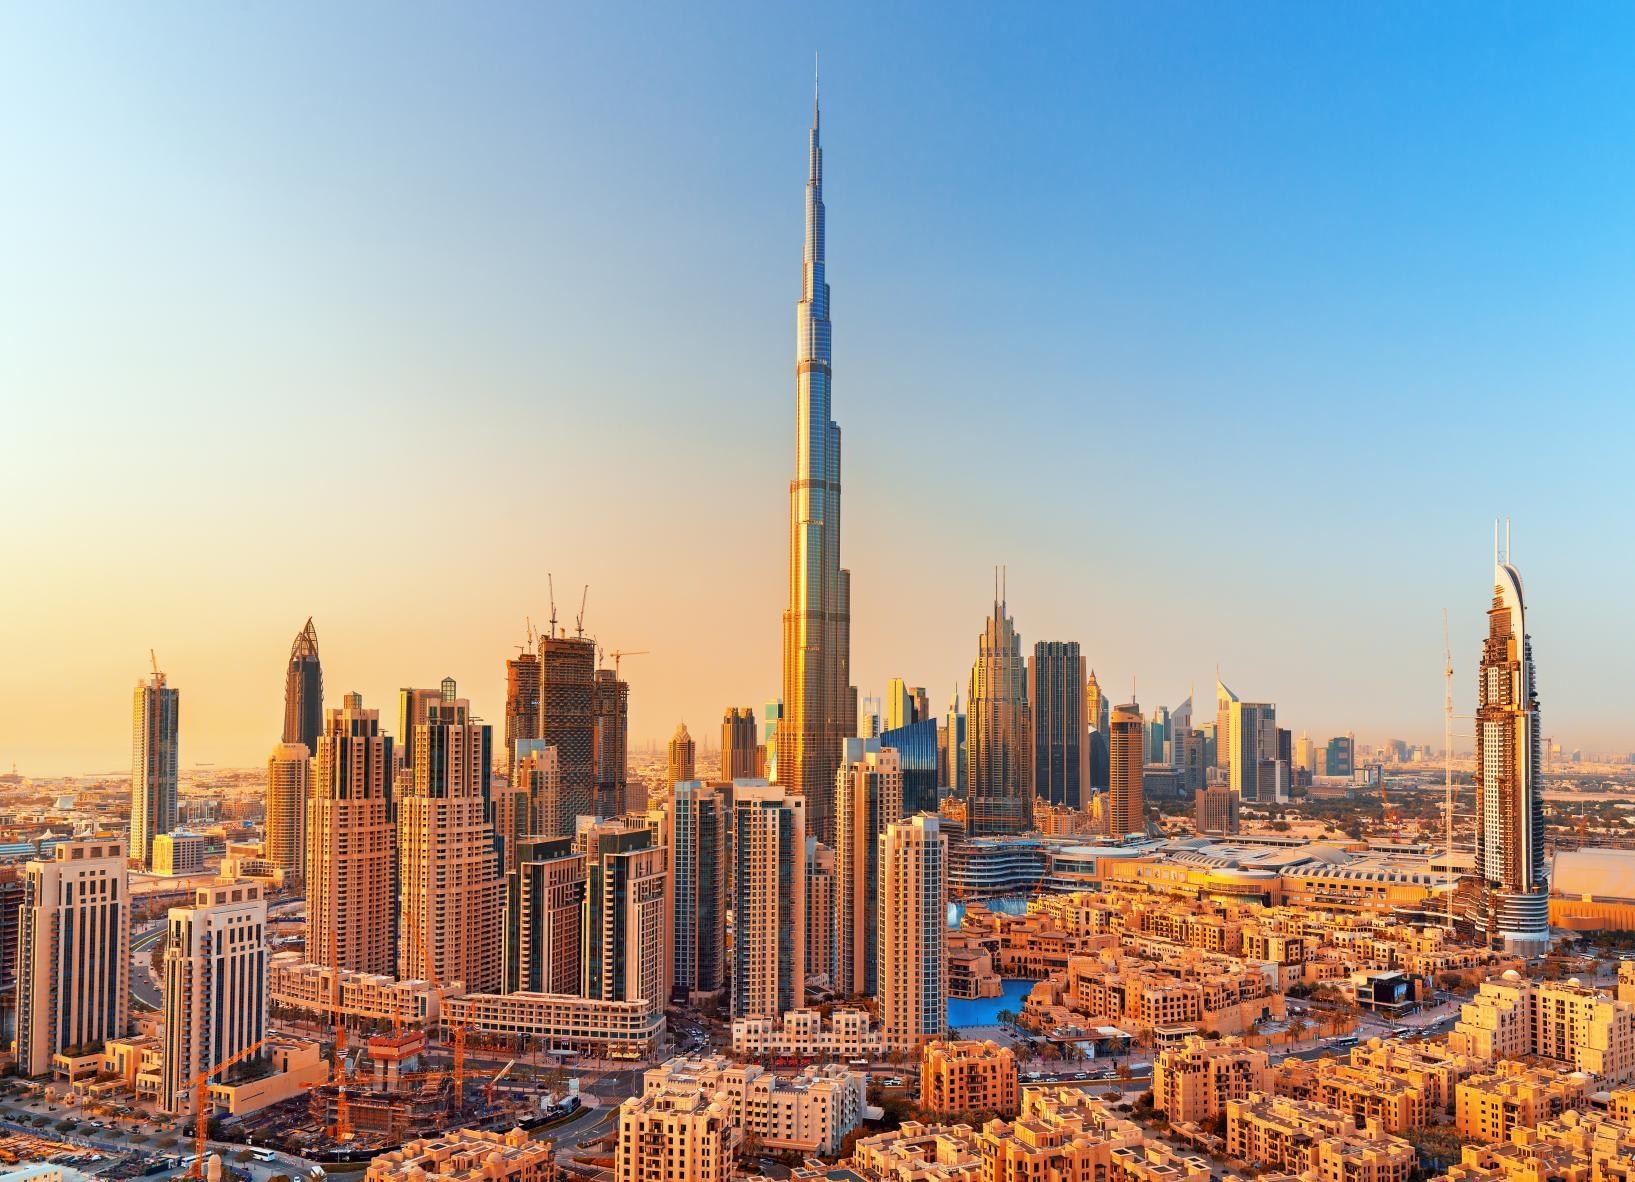 تقرير شامل عن فندق روف سيتي سنتر دبي